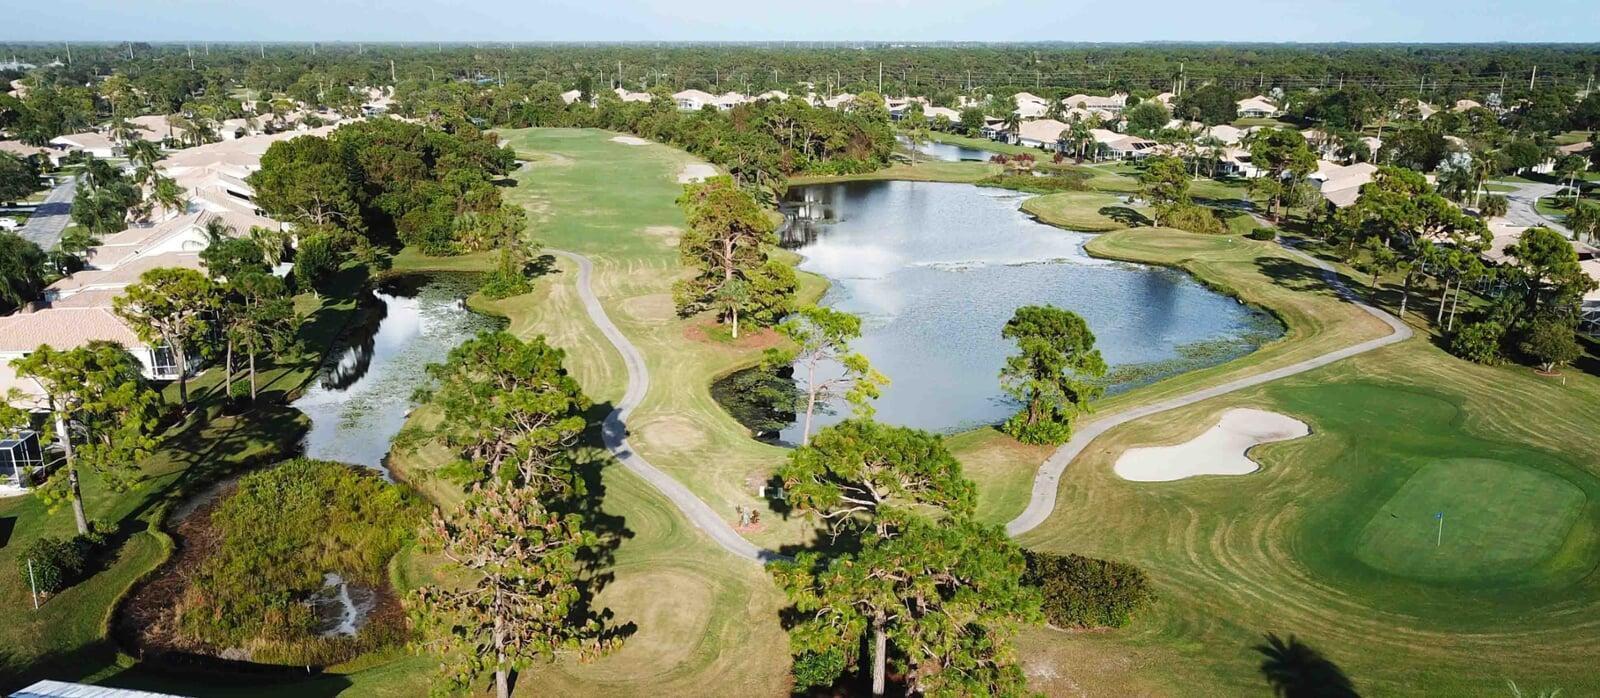 Oyster Creek Golf Club